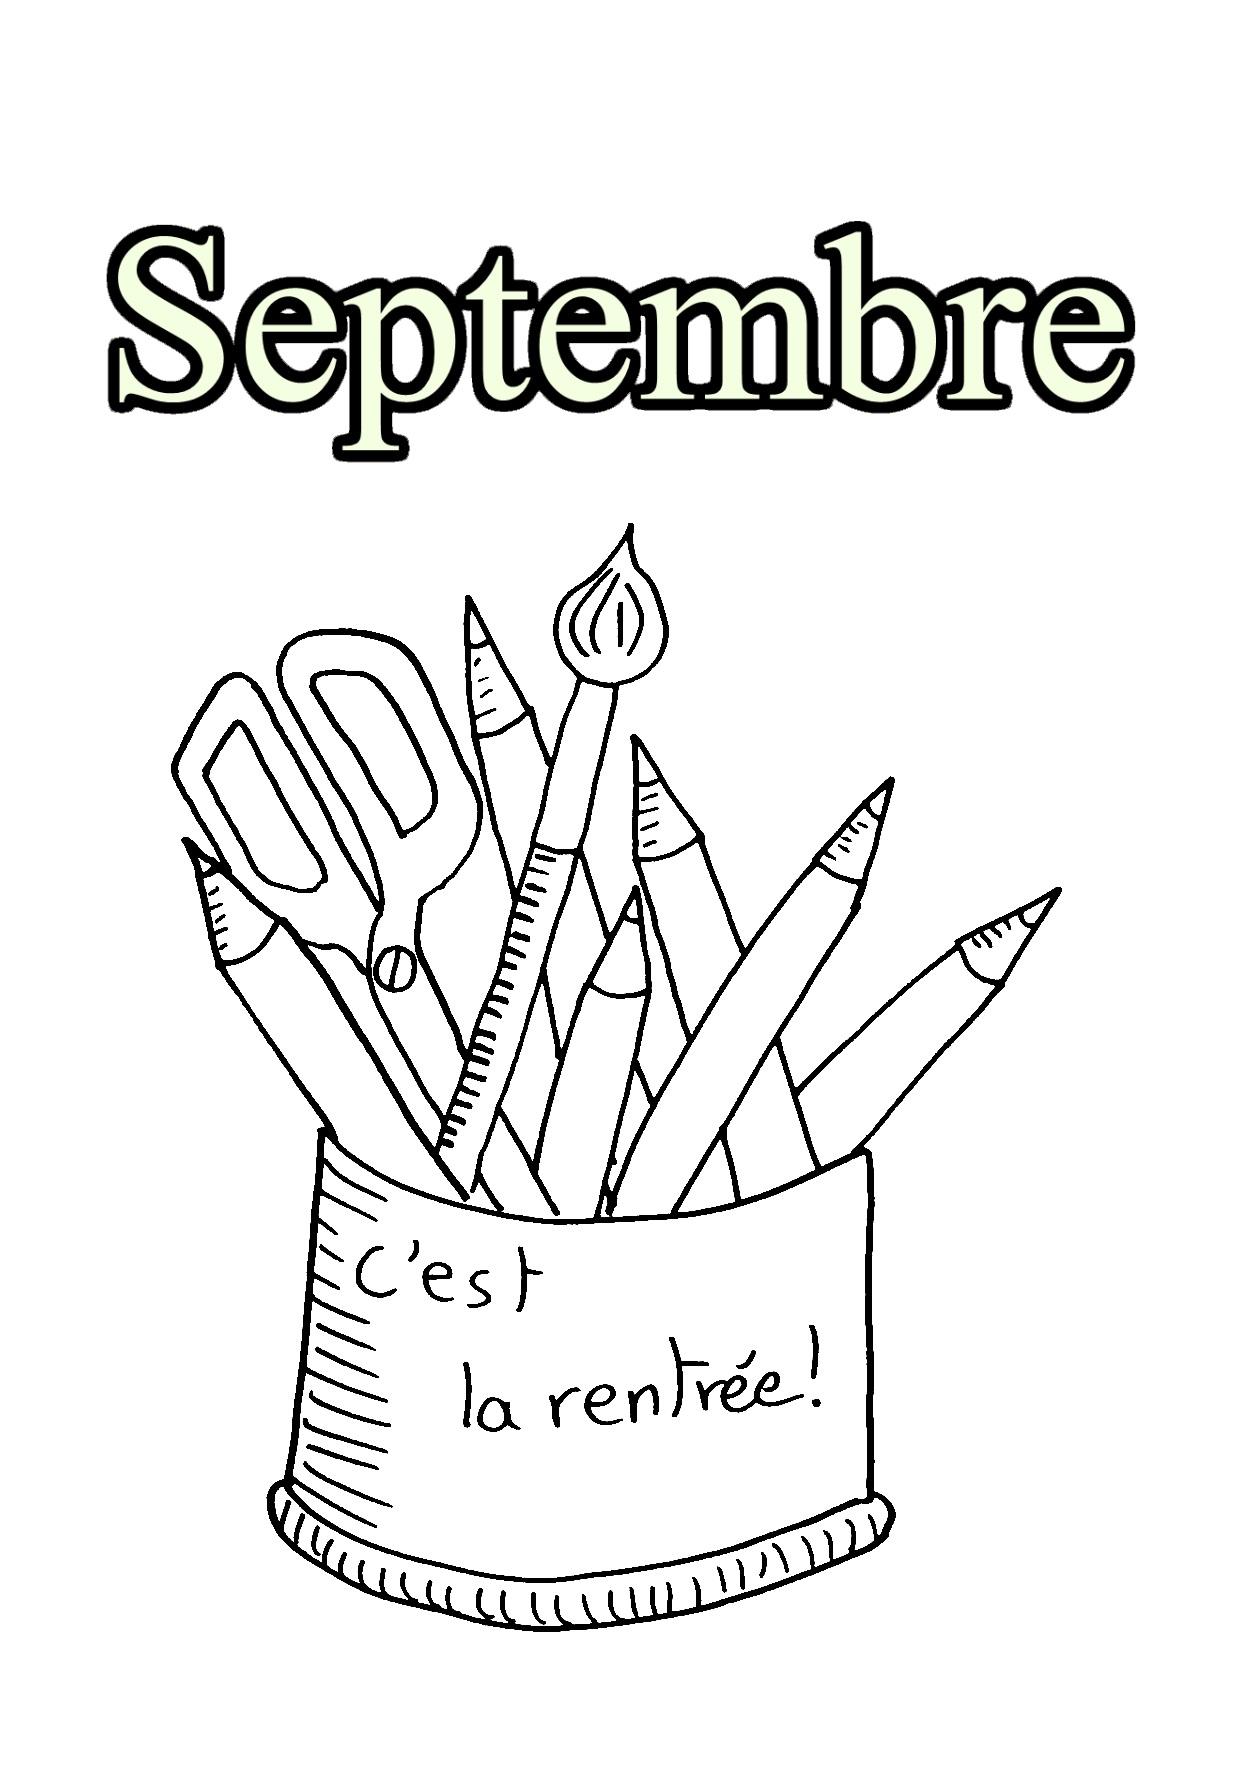 09 Septembre Coloriages Imprimer Gratuits